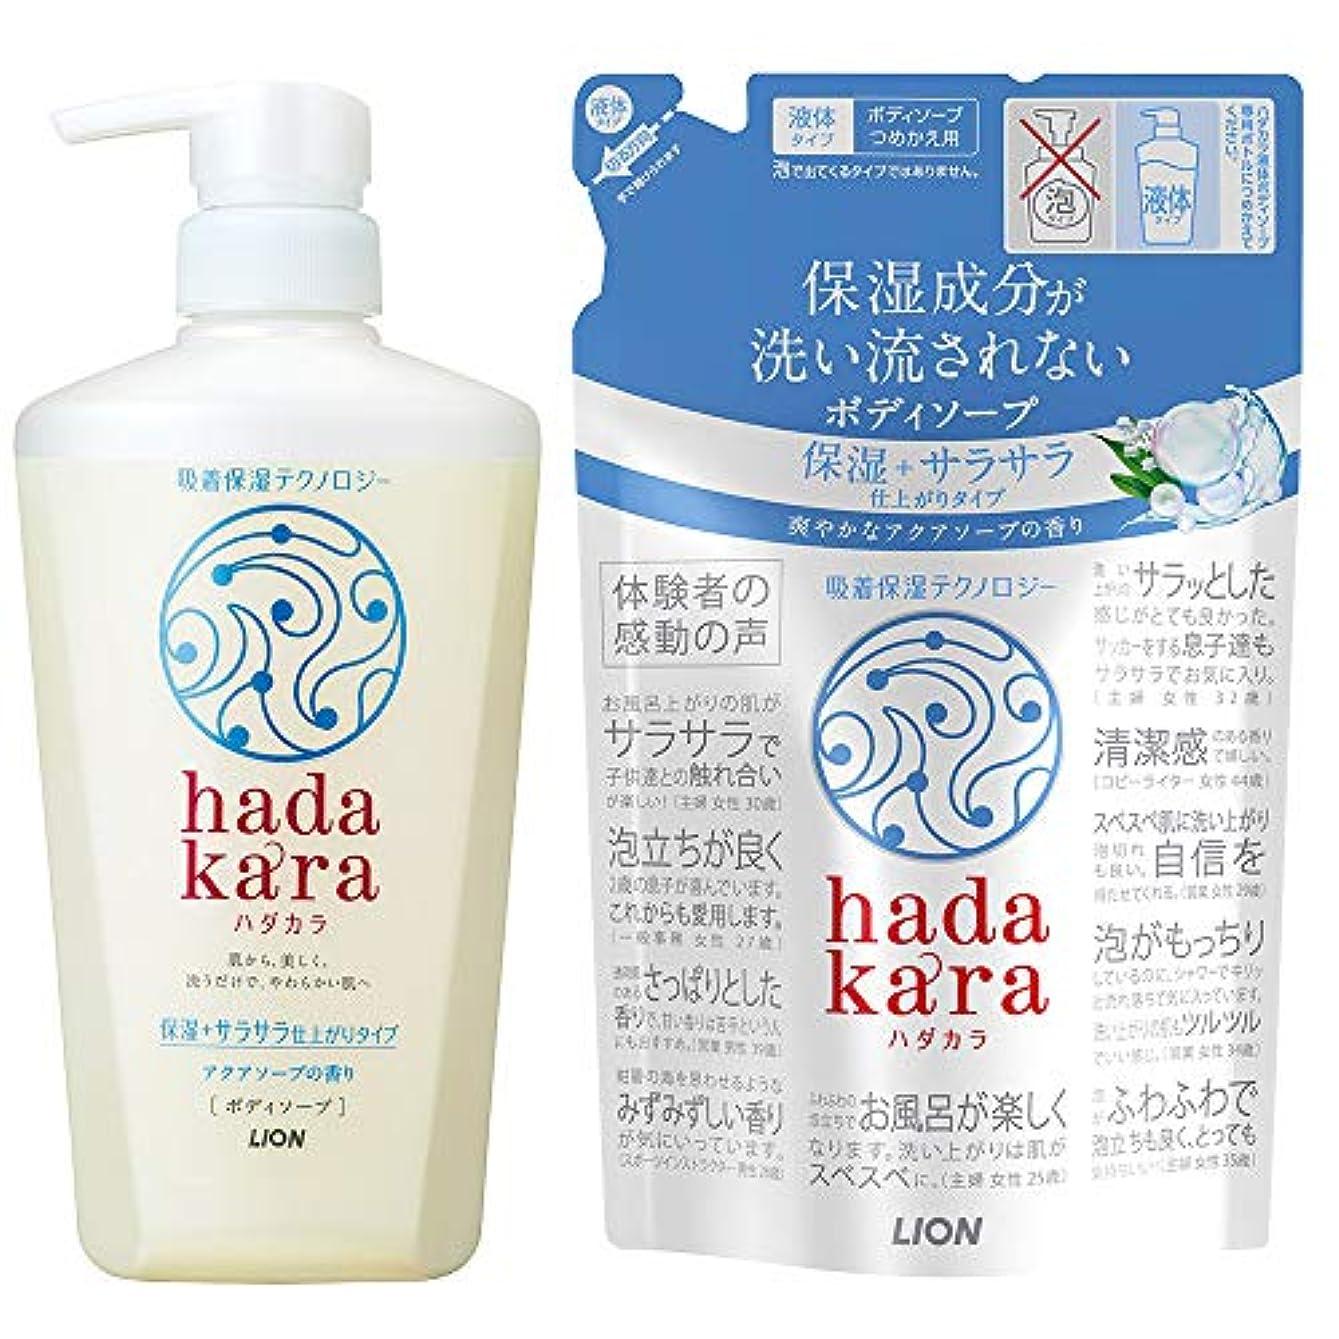 完璧関係する意図するhadakara(ハダカラ)ボディソープ 保湿+サラサラ仕上がりタイプ アクアソープの香り 本体 480ml + つめかえ 340ml